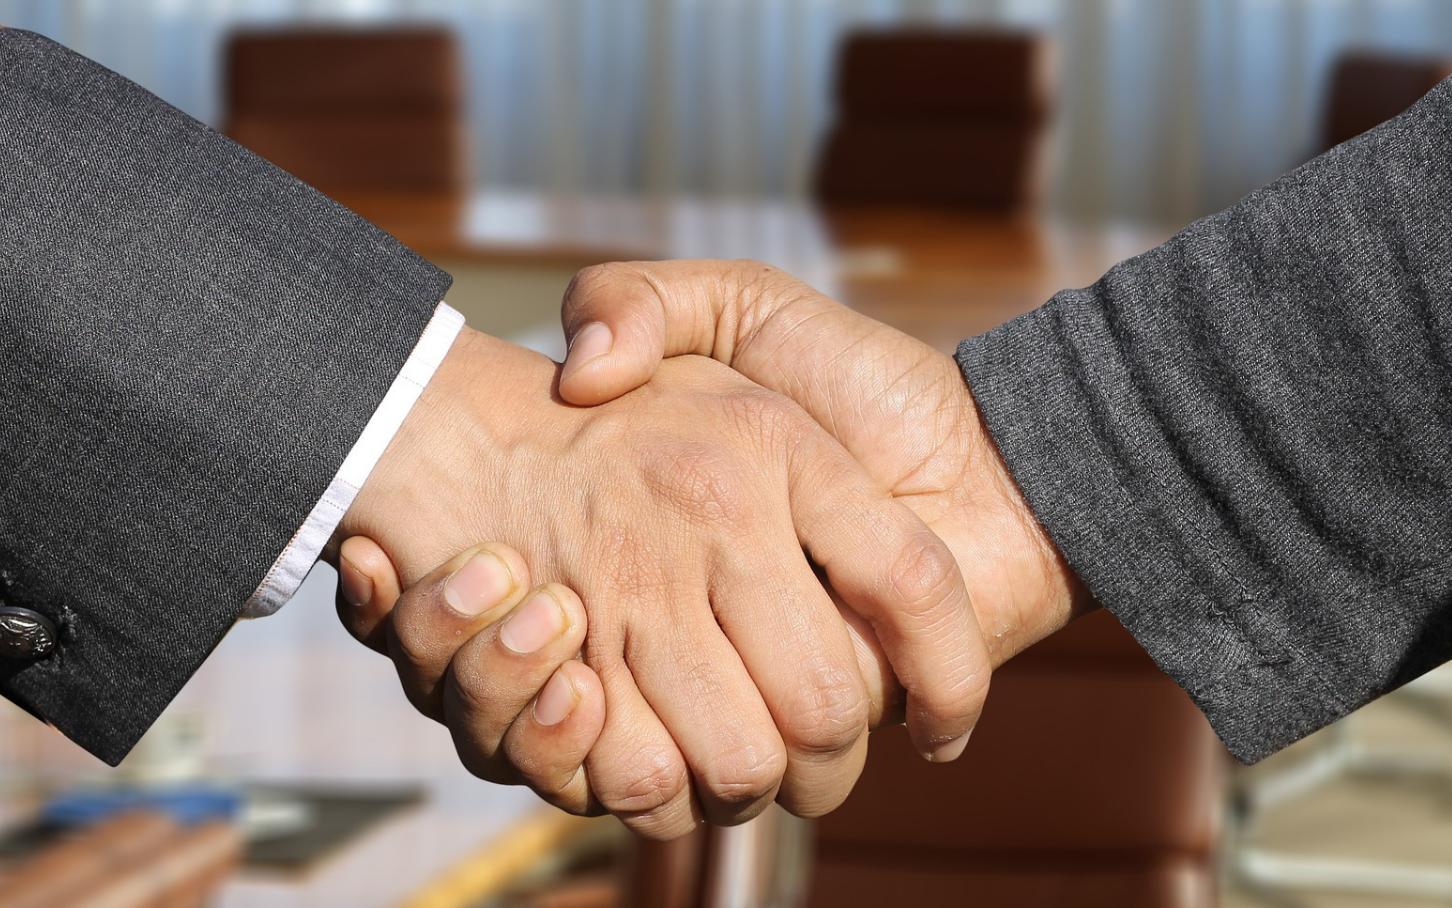 Par 11.lv vairākuma akcionāru kļūst zviedru uzņēmums MRG